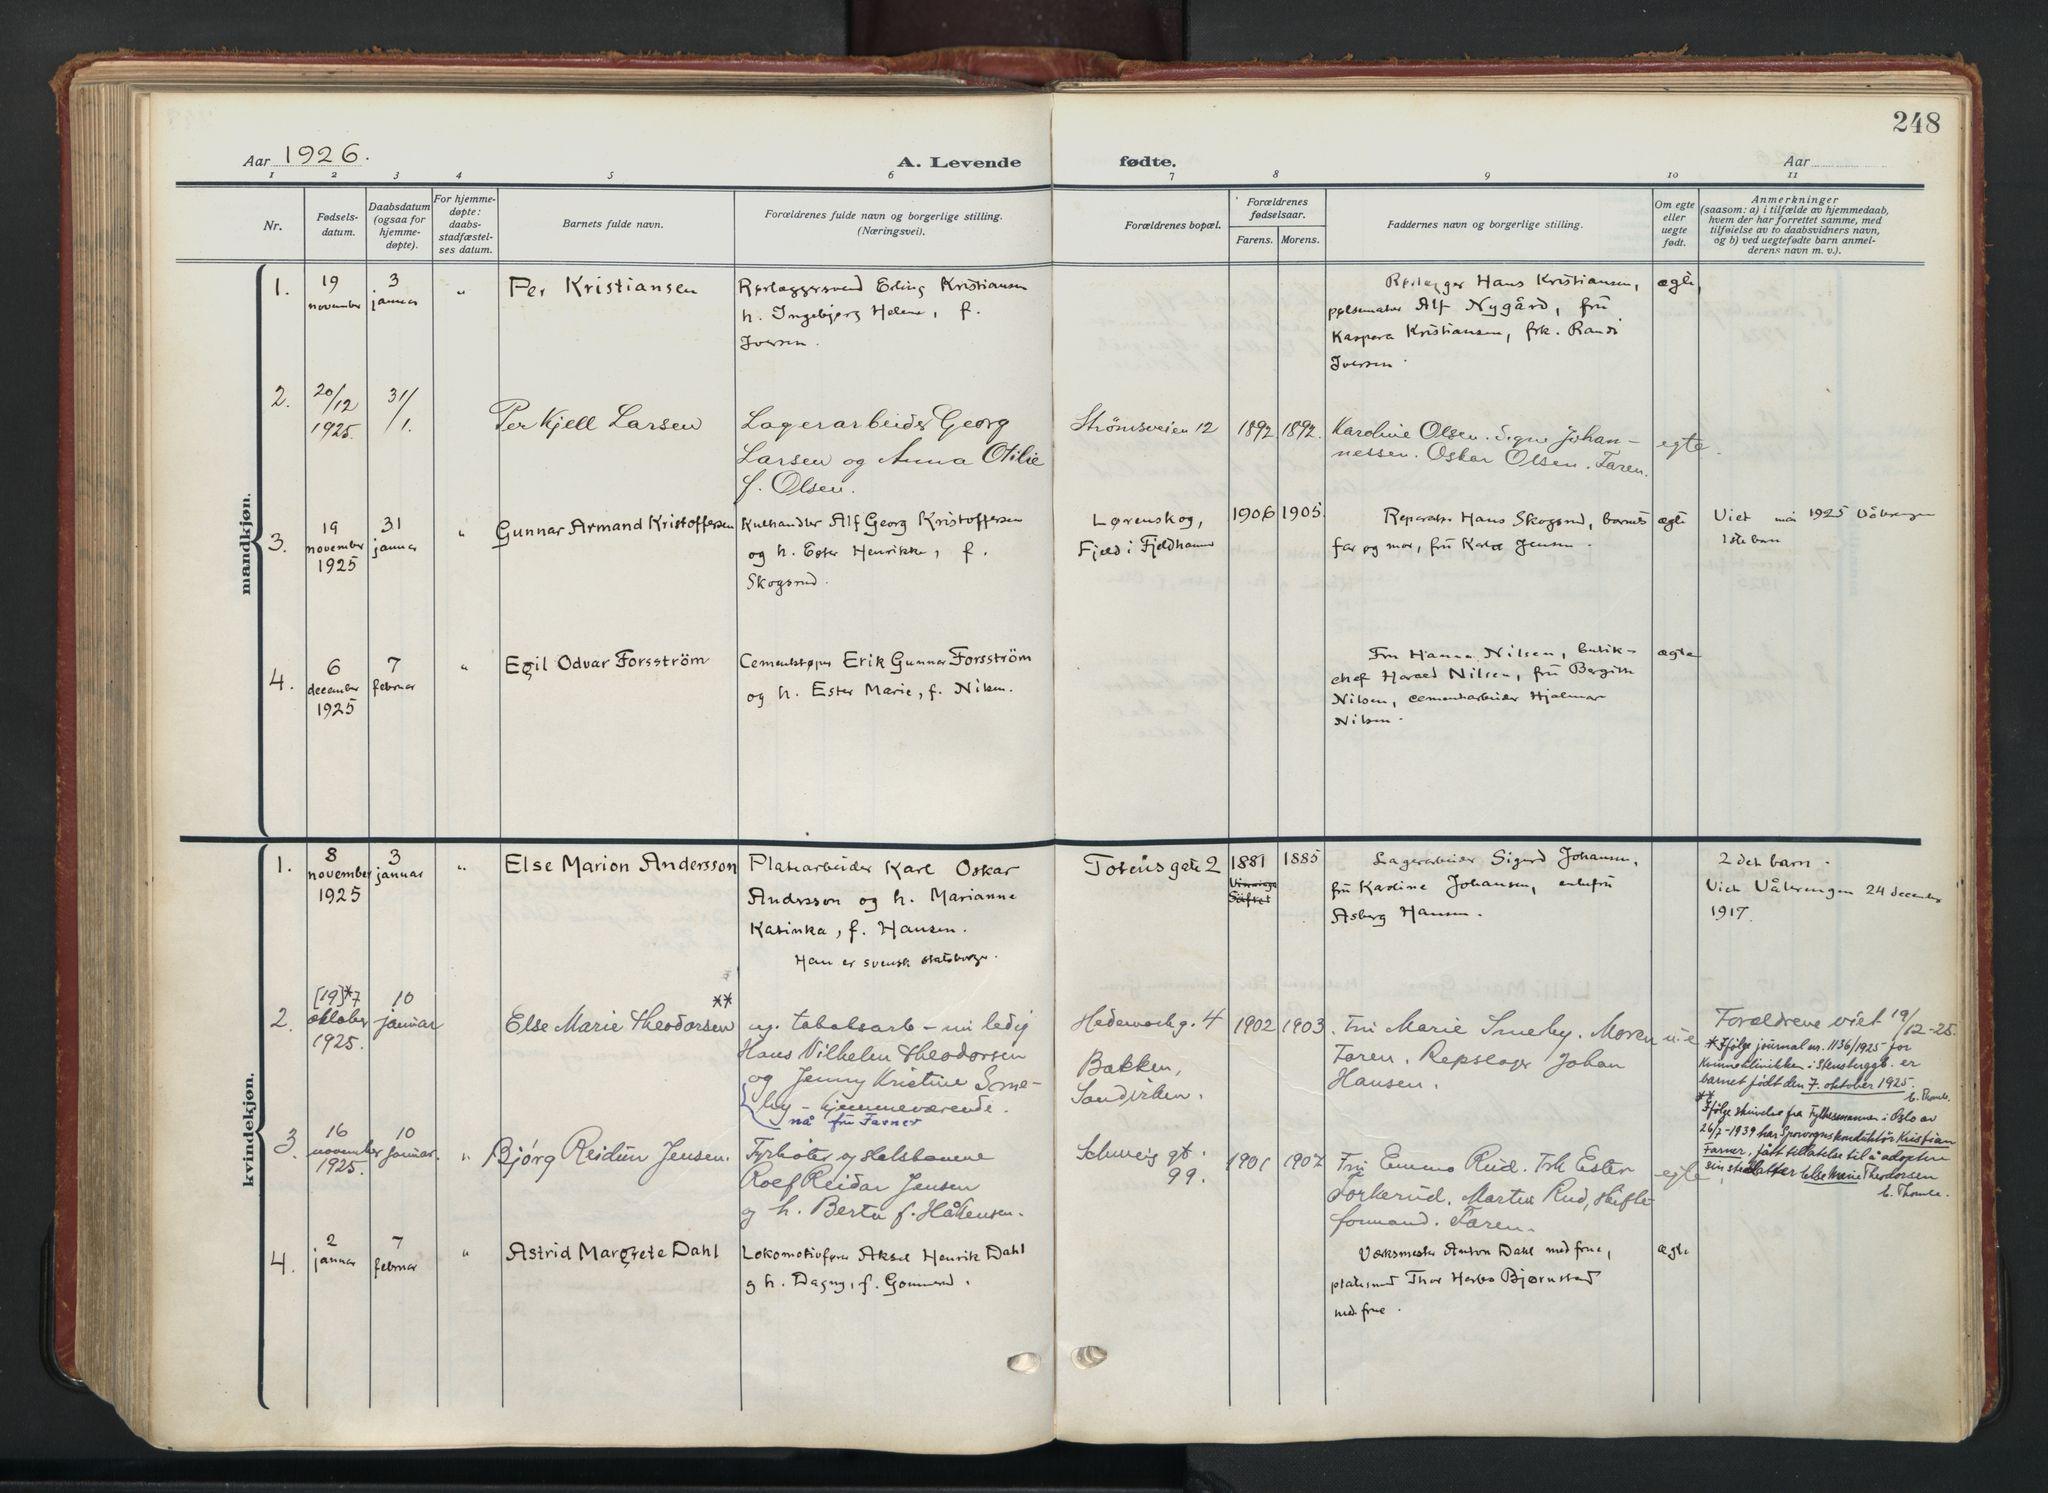 SAO, Vålerengen prestekontor Kirkebøker, F/Fa/L0004: Ministerialbok nr. 4, 1915-1929, s. 248